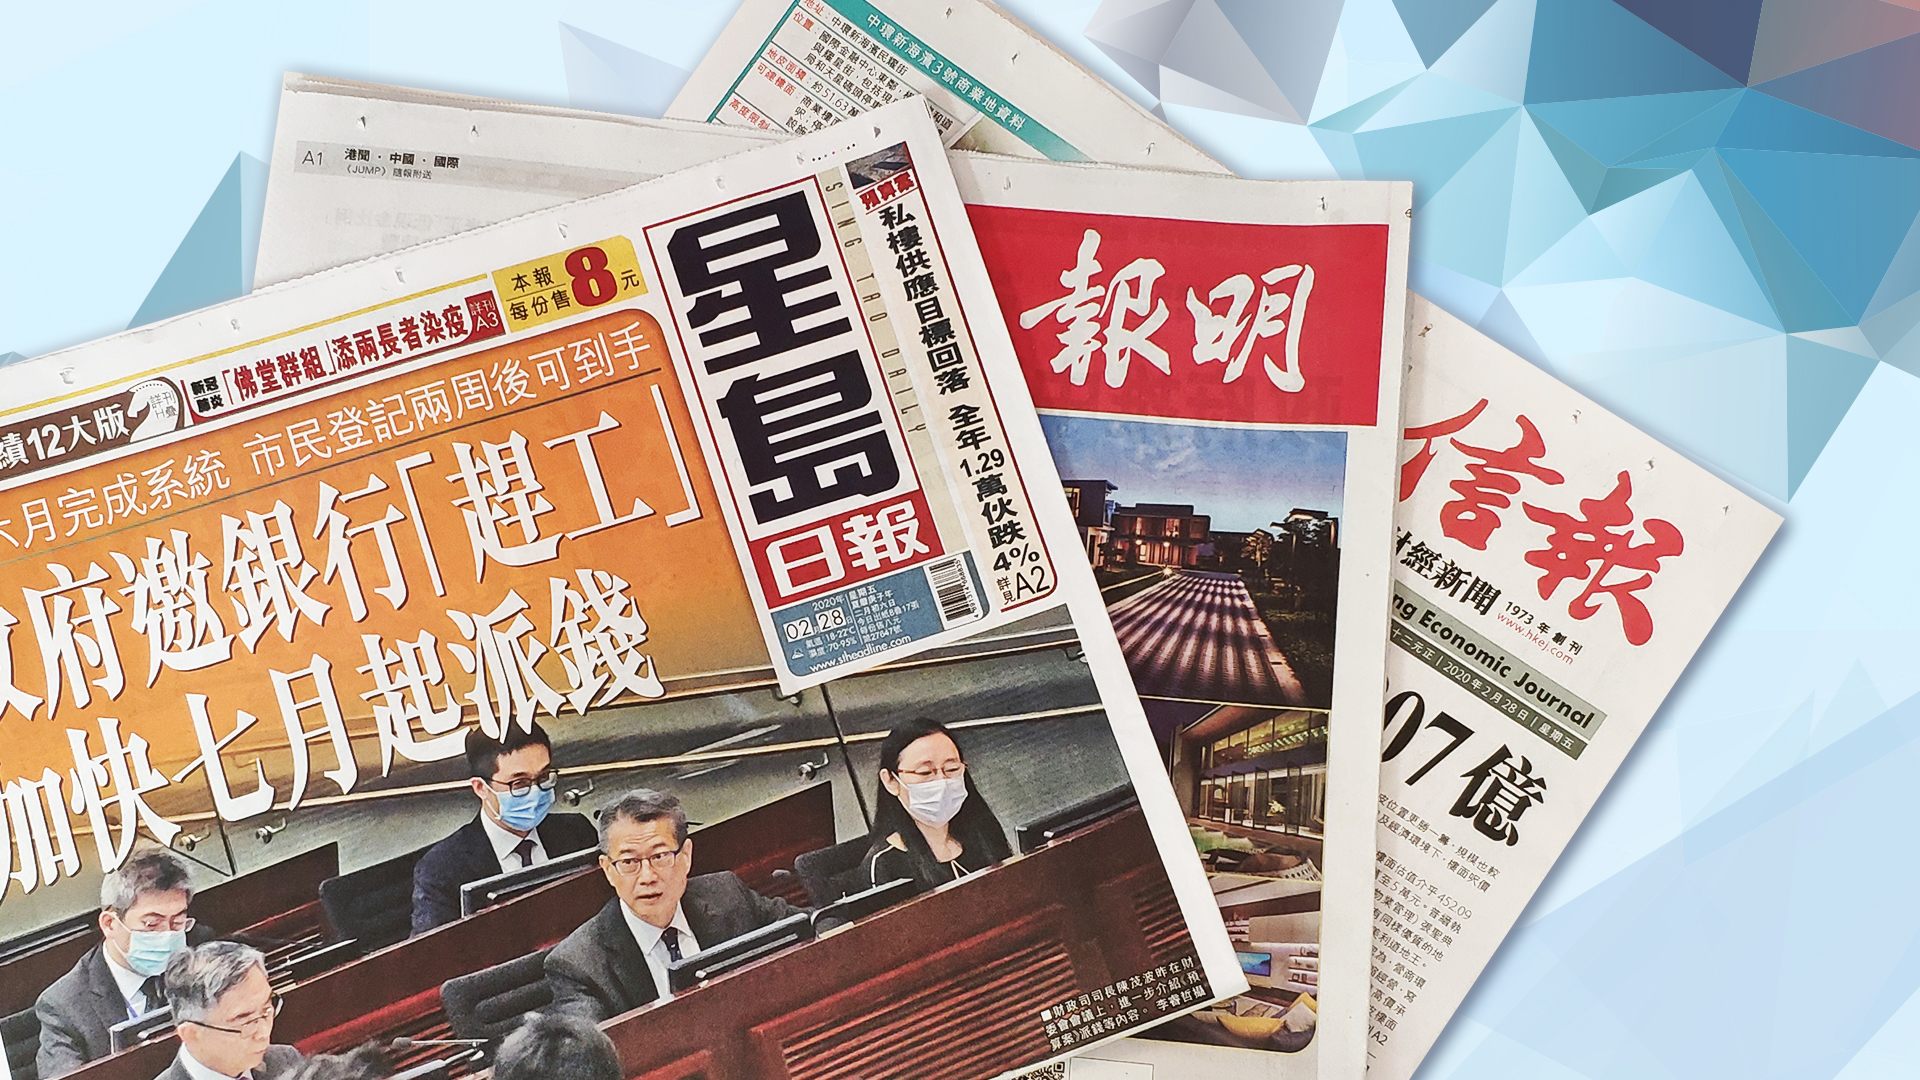 【報章A1速覽】政府邀銀行「趕工」 加快七月起派錢;中環海濱商地王登場值807億